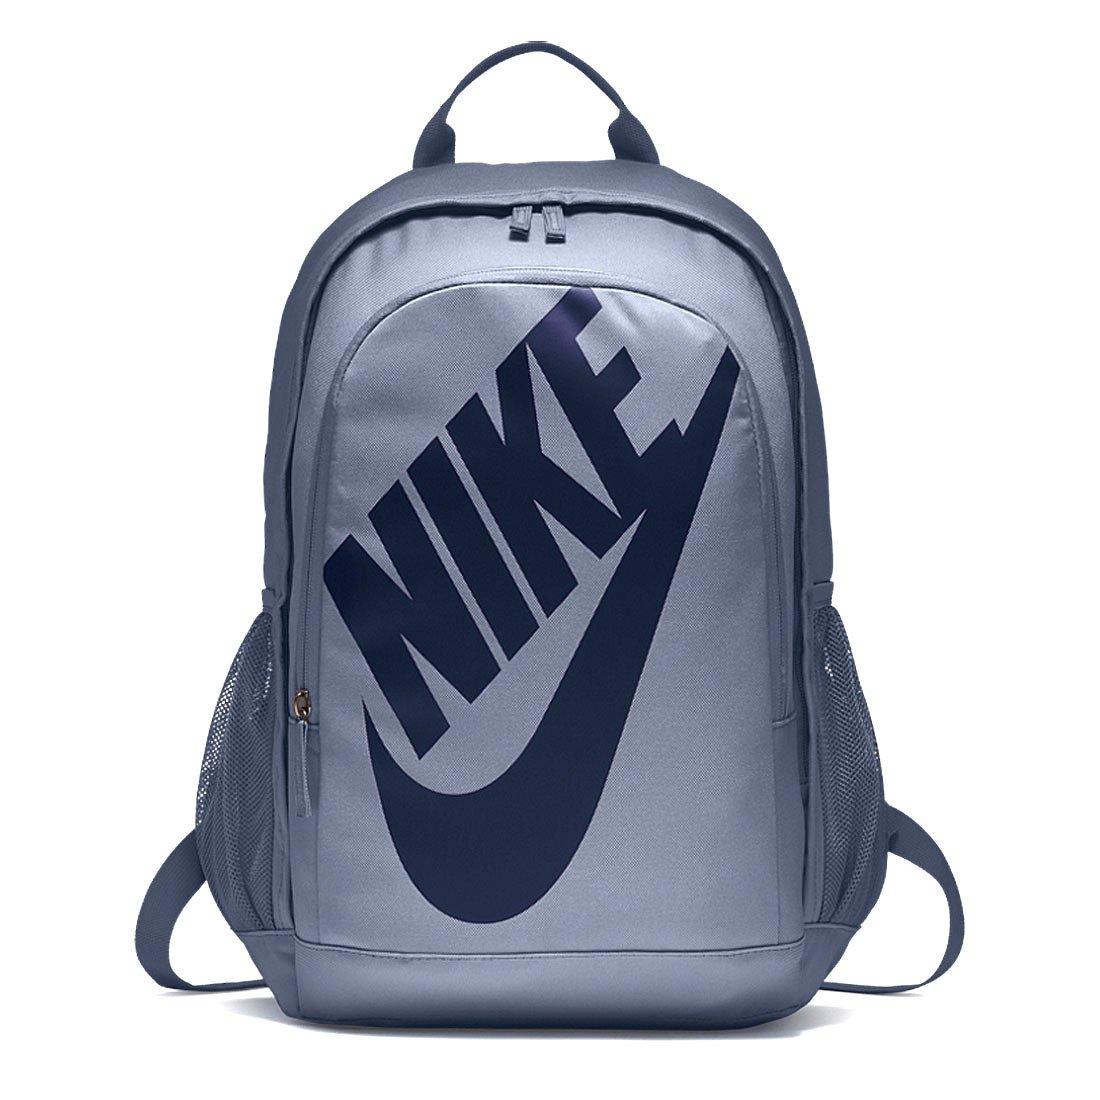 60a7820ad51de Szary plecak szkolny Nike Hayward Futura BA5217-445 Kliknij, aby powiększyć  ...